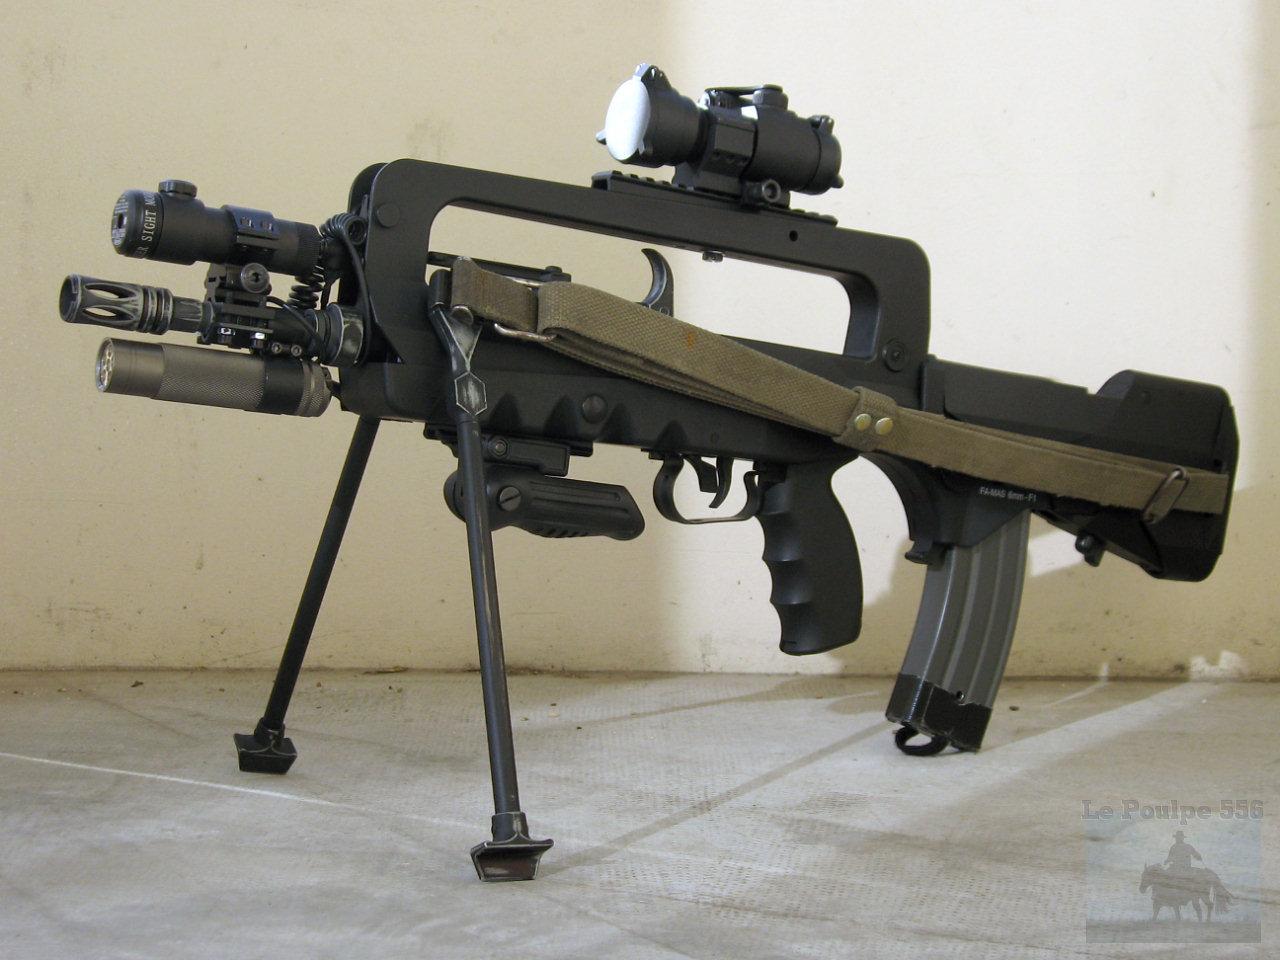 Liste des armes 2009-11-20_Famas01_Cybergun_By_LePoulpe556